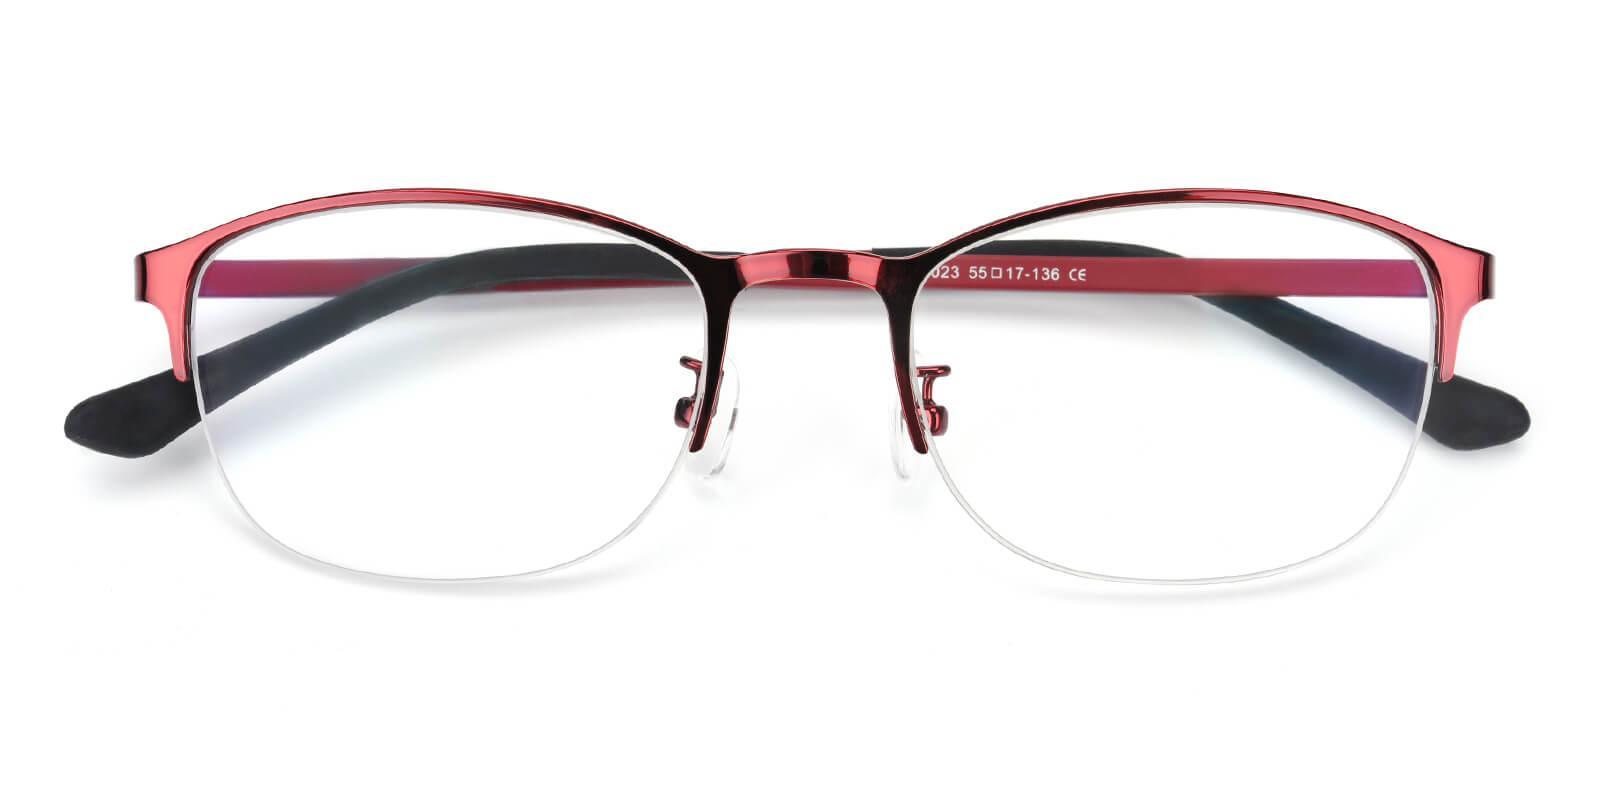 Cora-Red-Rectangle-Metal-Eyeglasses-detail